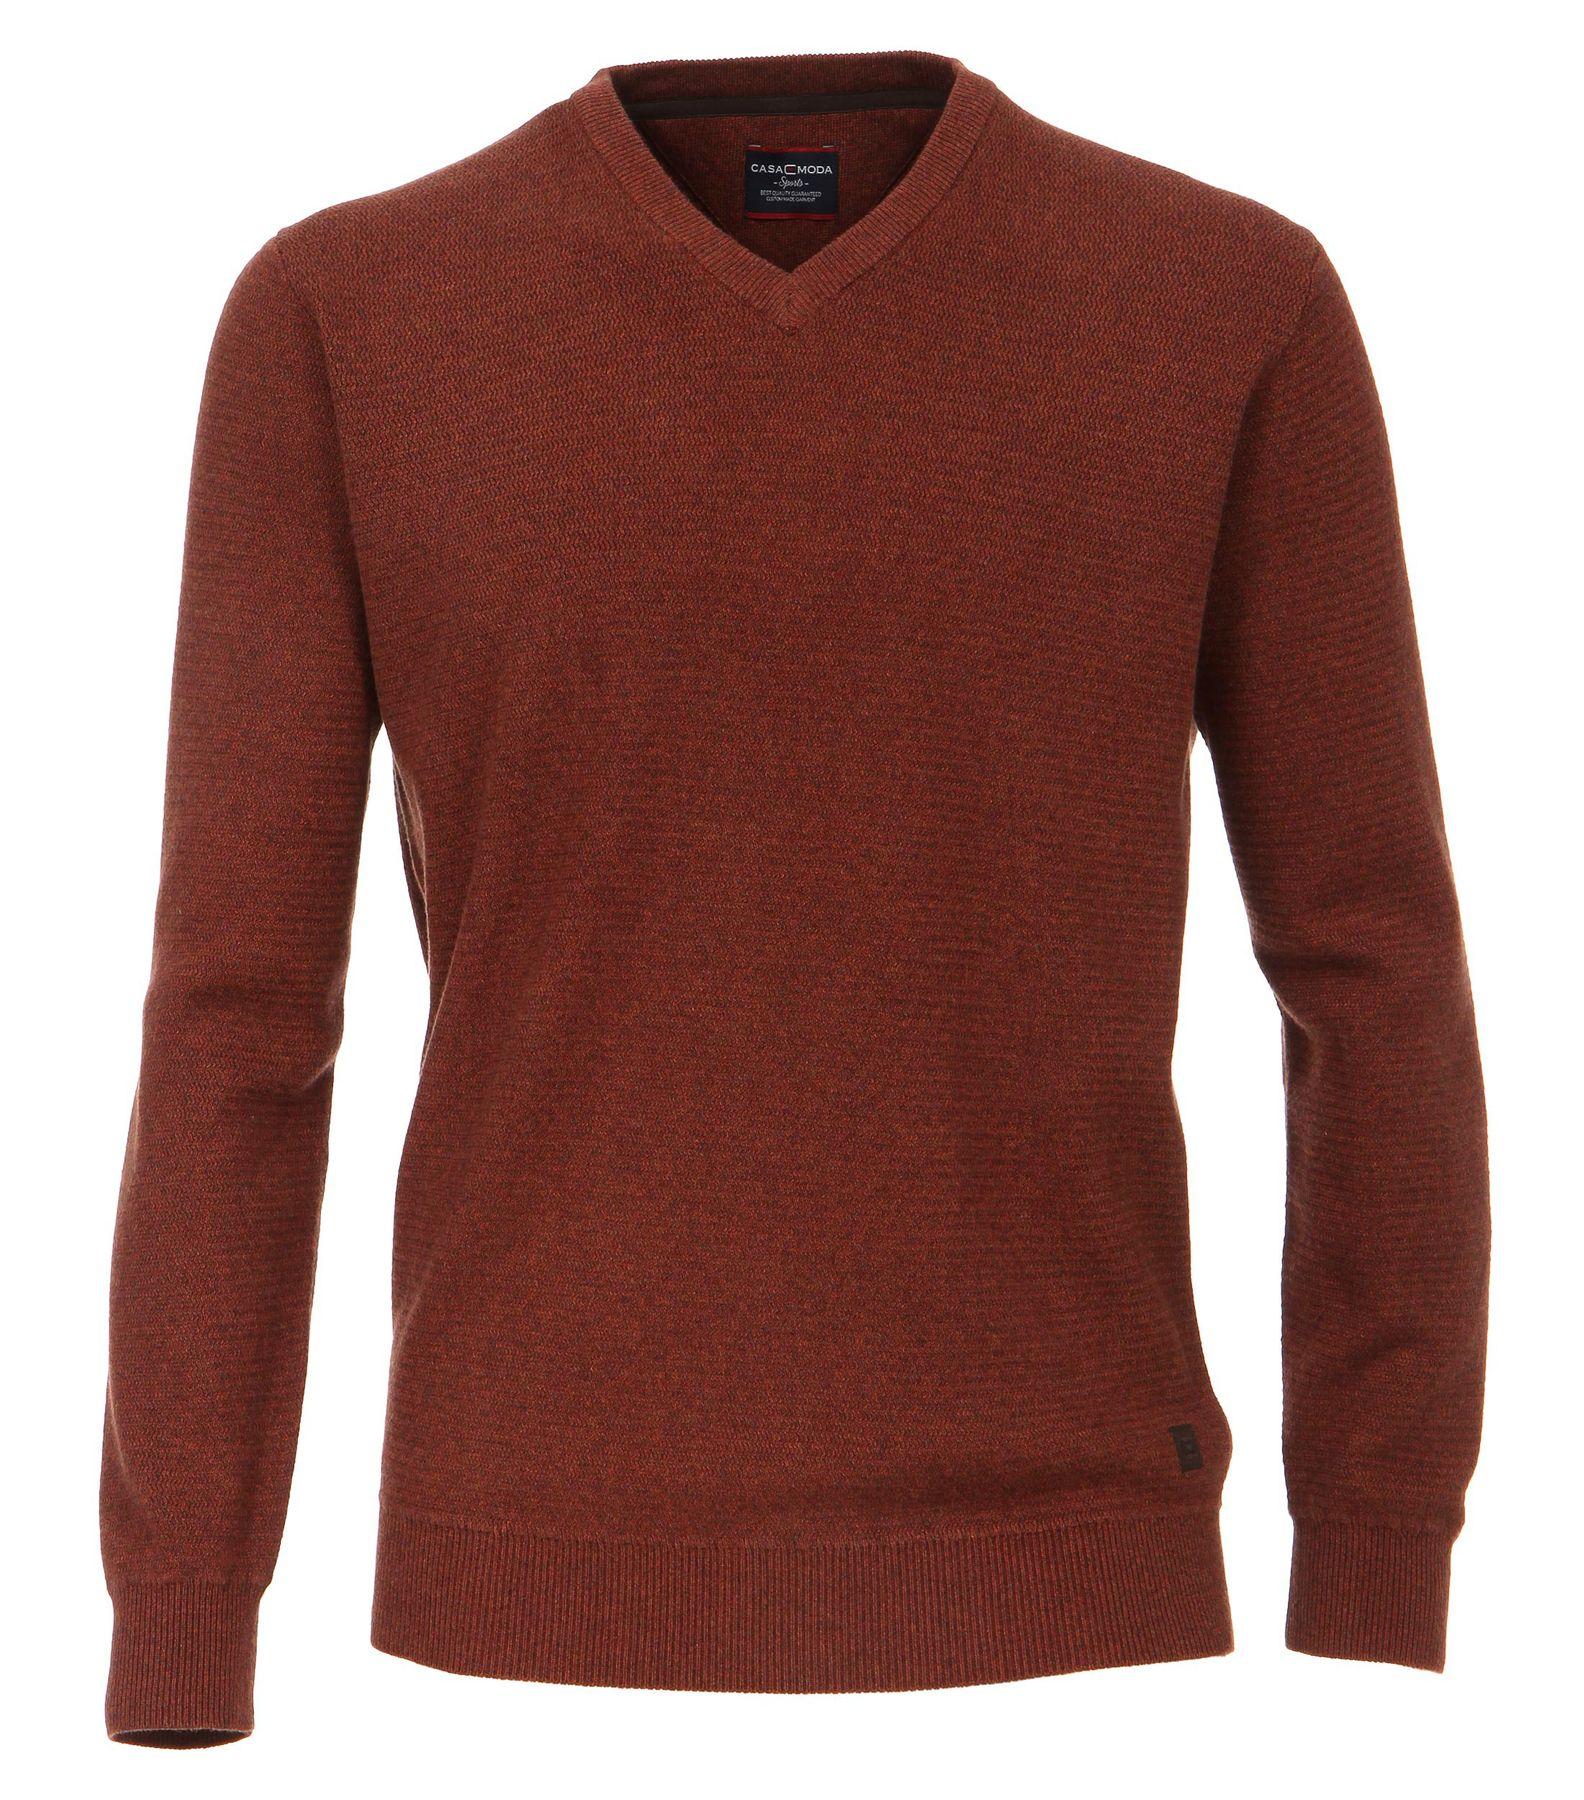 Casa Moda - Herren Pullover mit V-Ausschnitt in Melange Optik (462521200A) – Bild 20